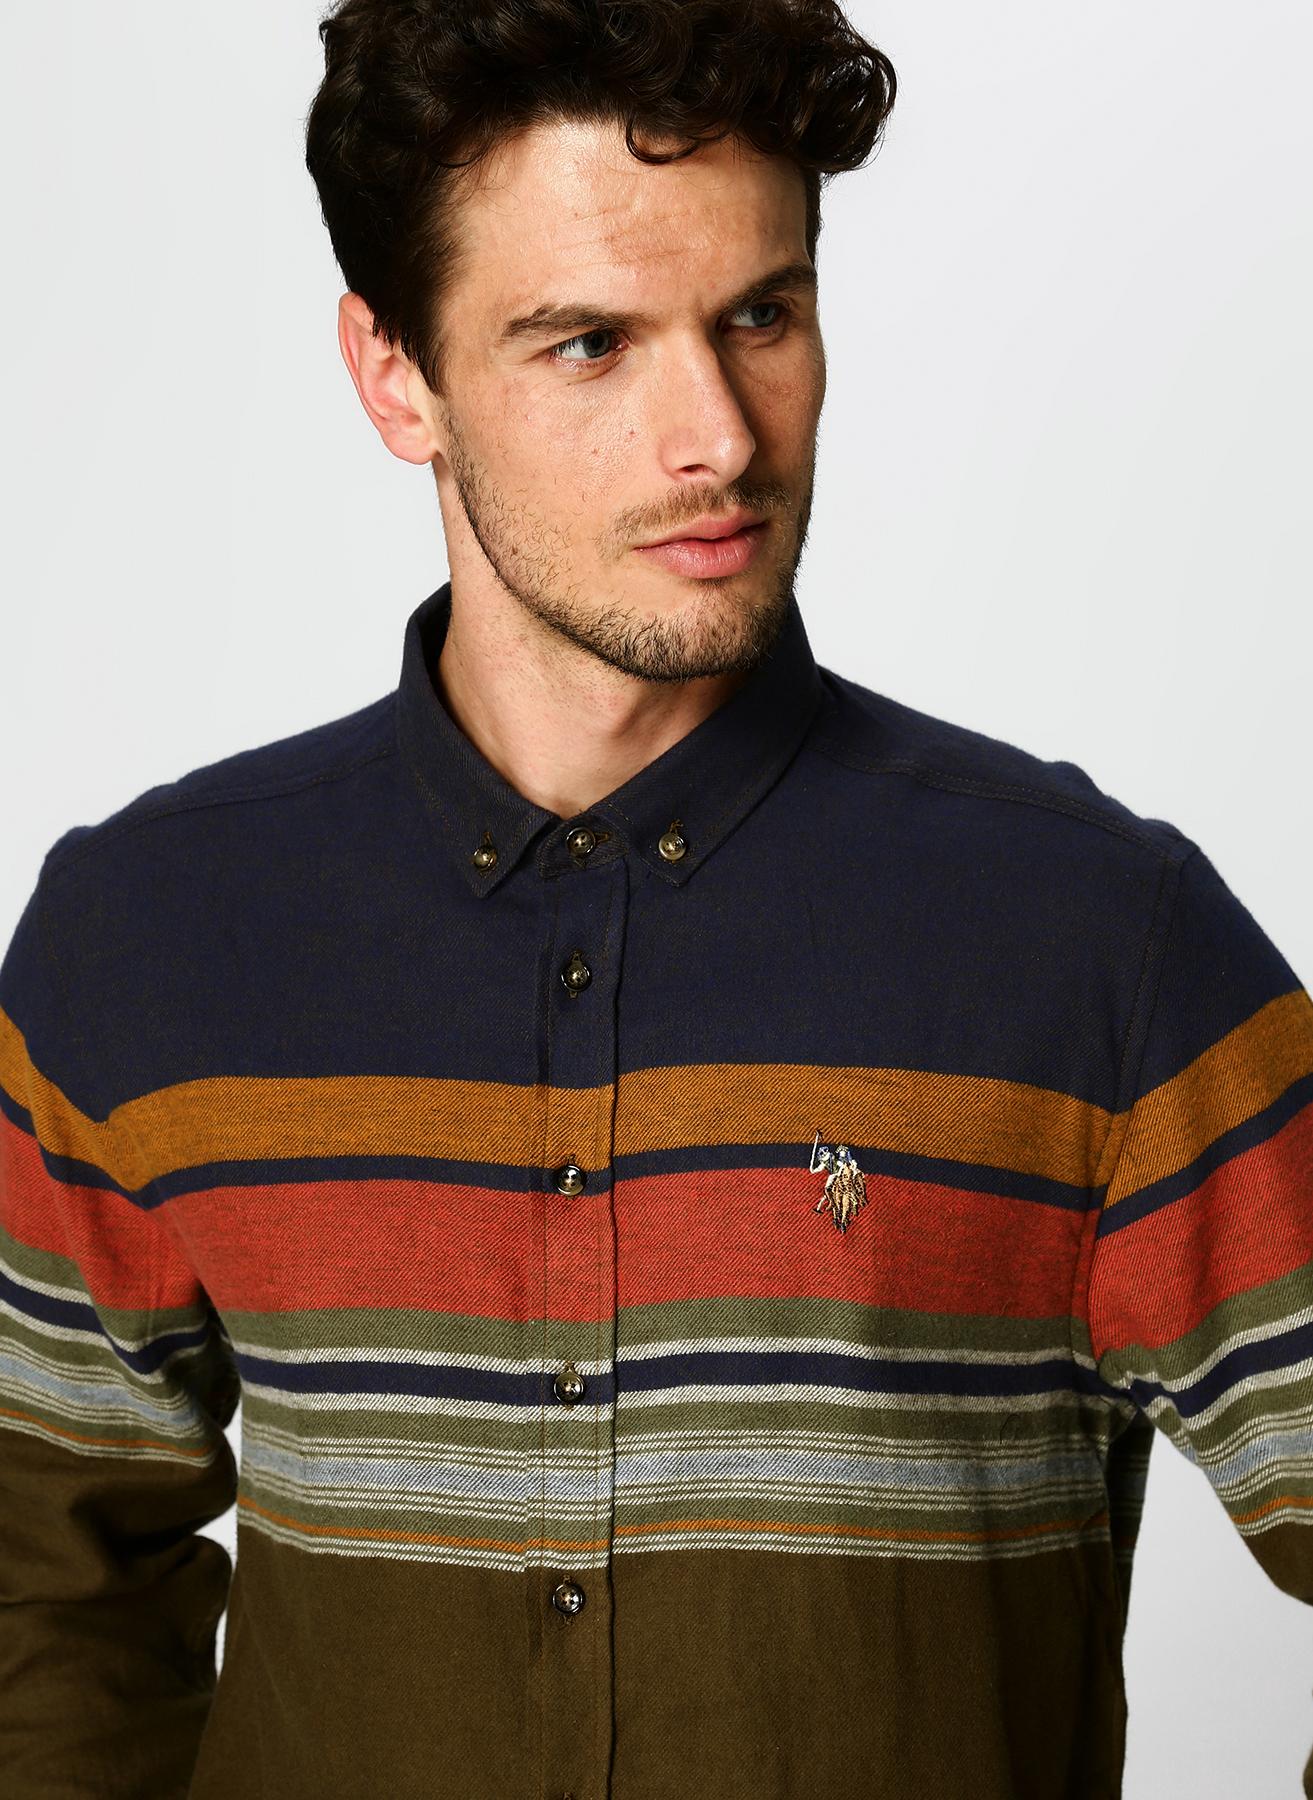 U.S. Polo Assn. Çizgili Haki Gömlek L 5001704599005 Ürün Resmi